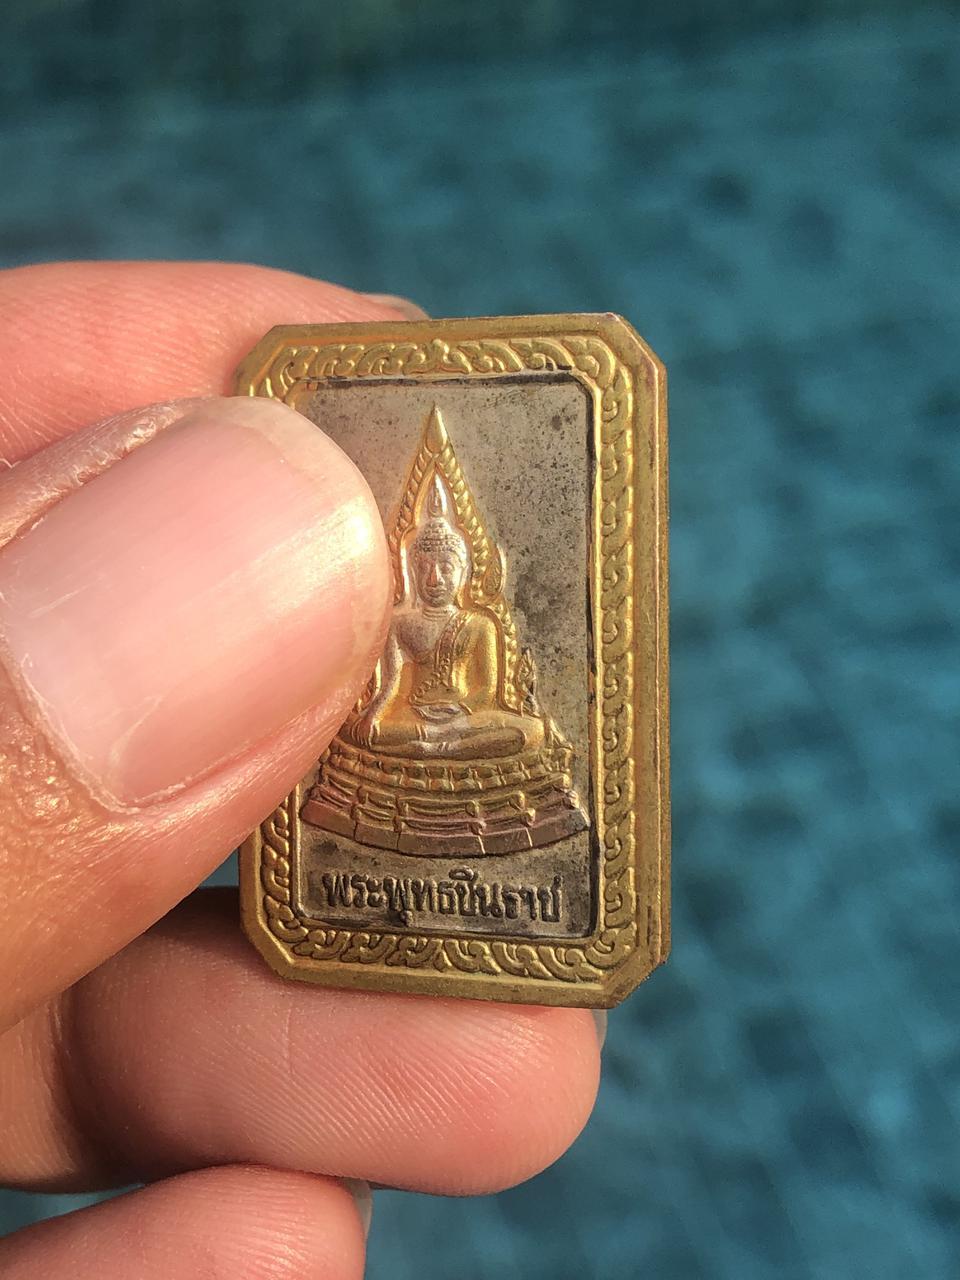 หลวงพ่อโสธร หลังพระพุทธชินราช รูปที่ 4